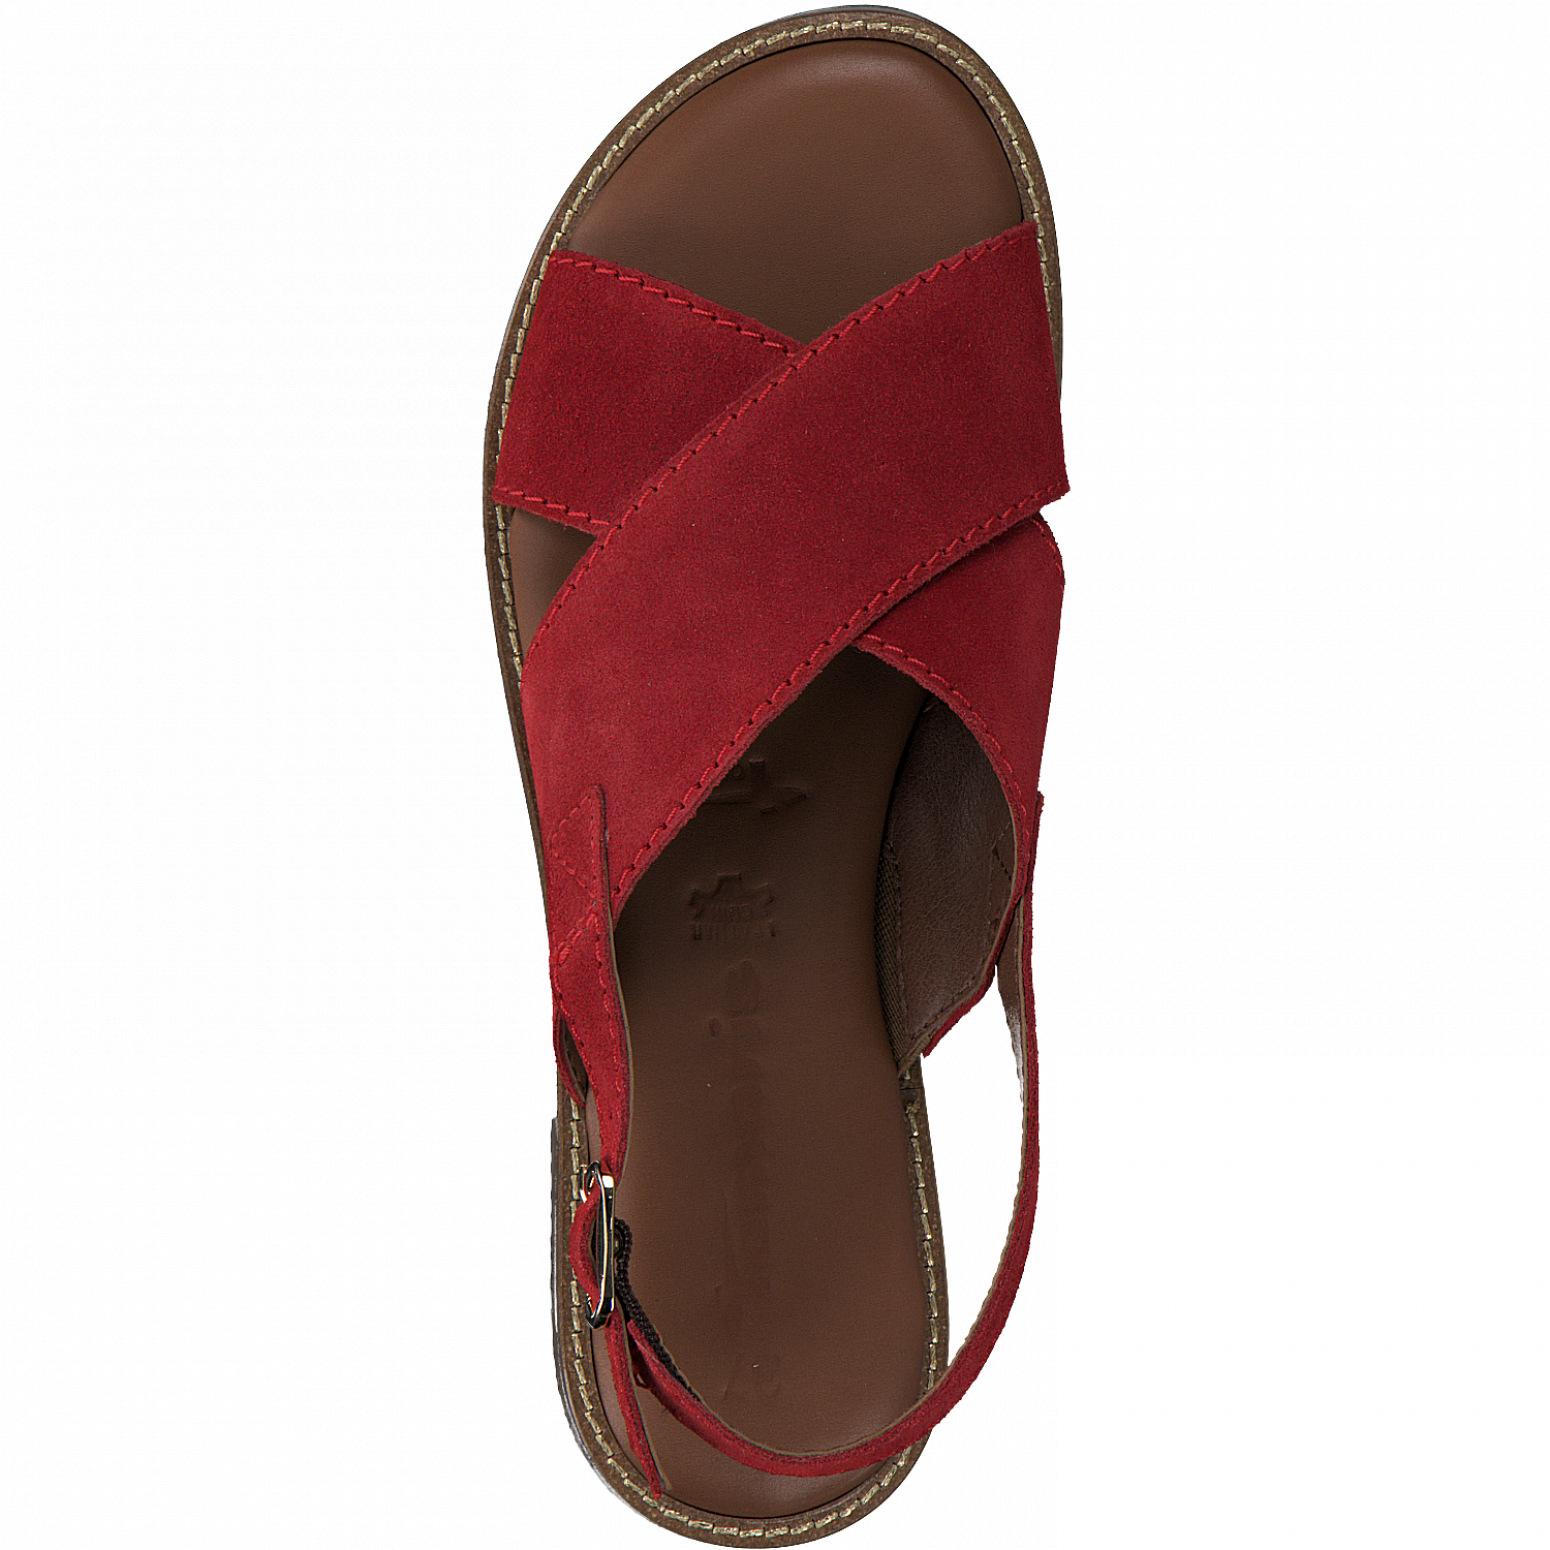 Tamaris 28119 sandal, red, 39